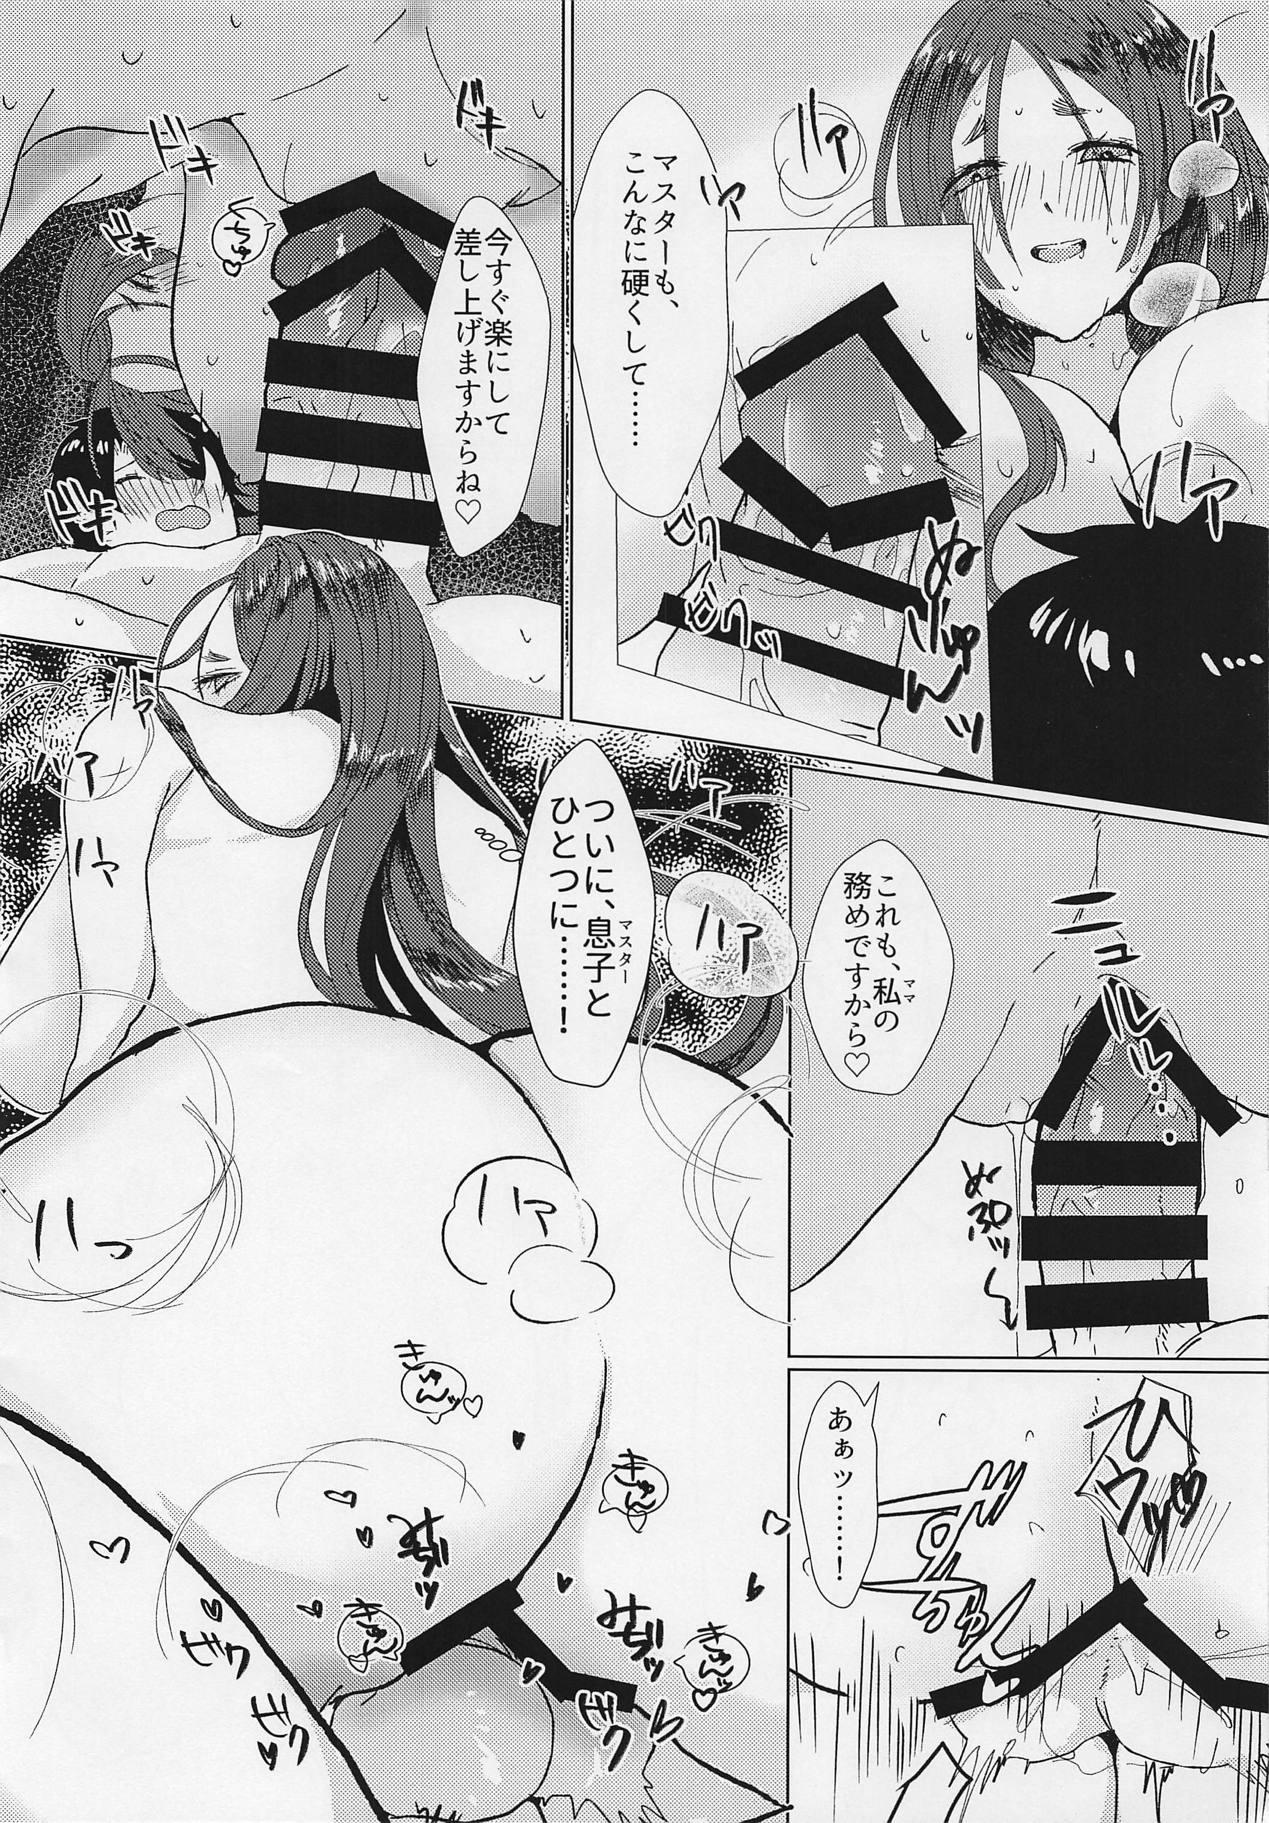 Boshi on Chigiri 6